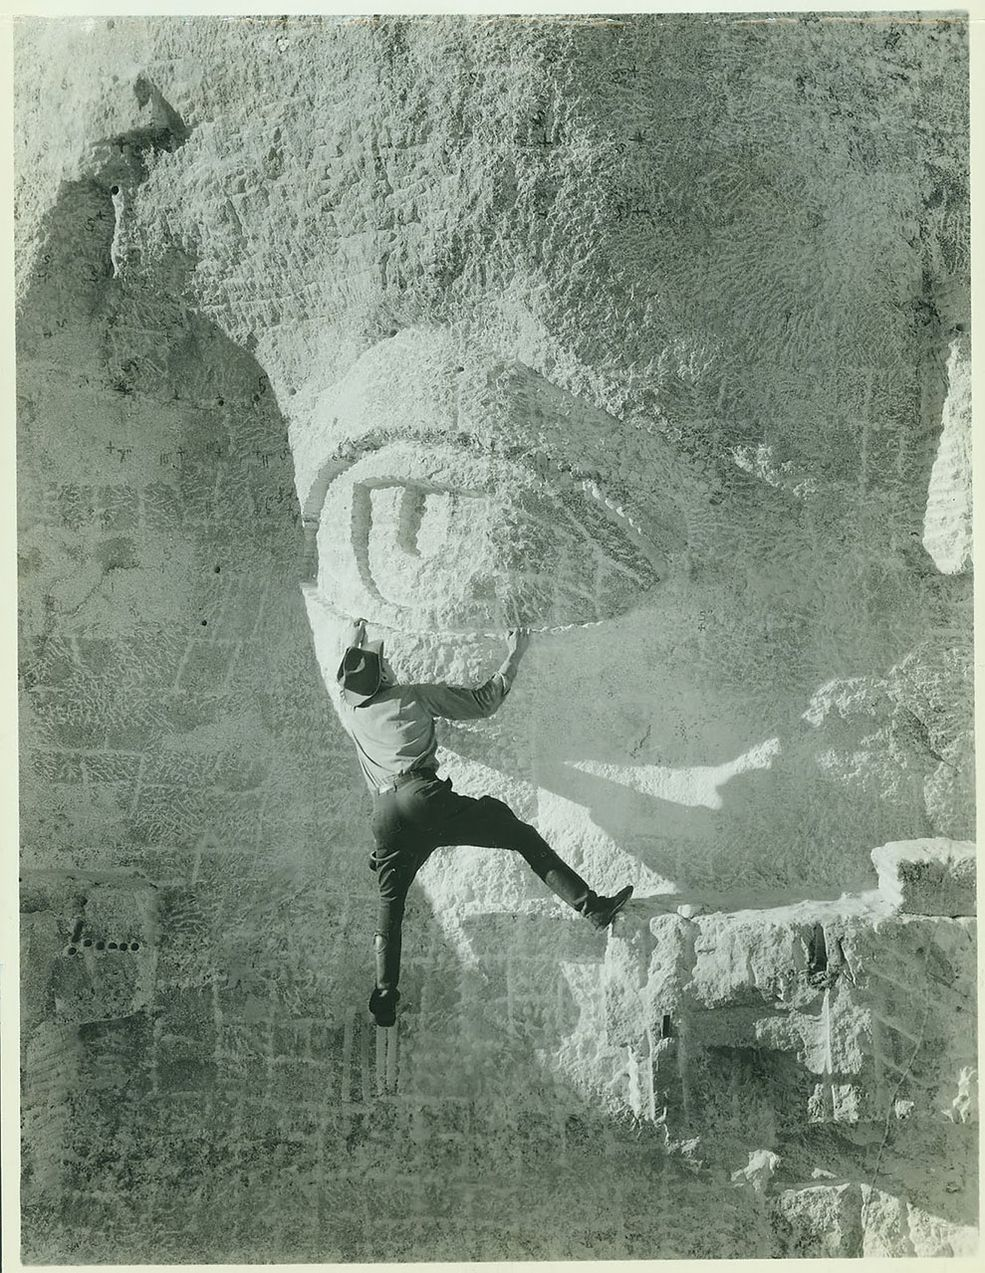 Mężczyzna ze zdjęcia wspina się na oko jednego z prezydentów USA, uwiecznionych na Górze Rushmore.